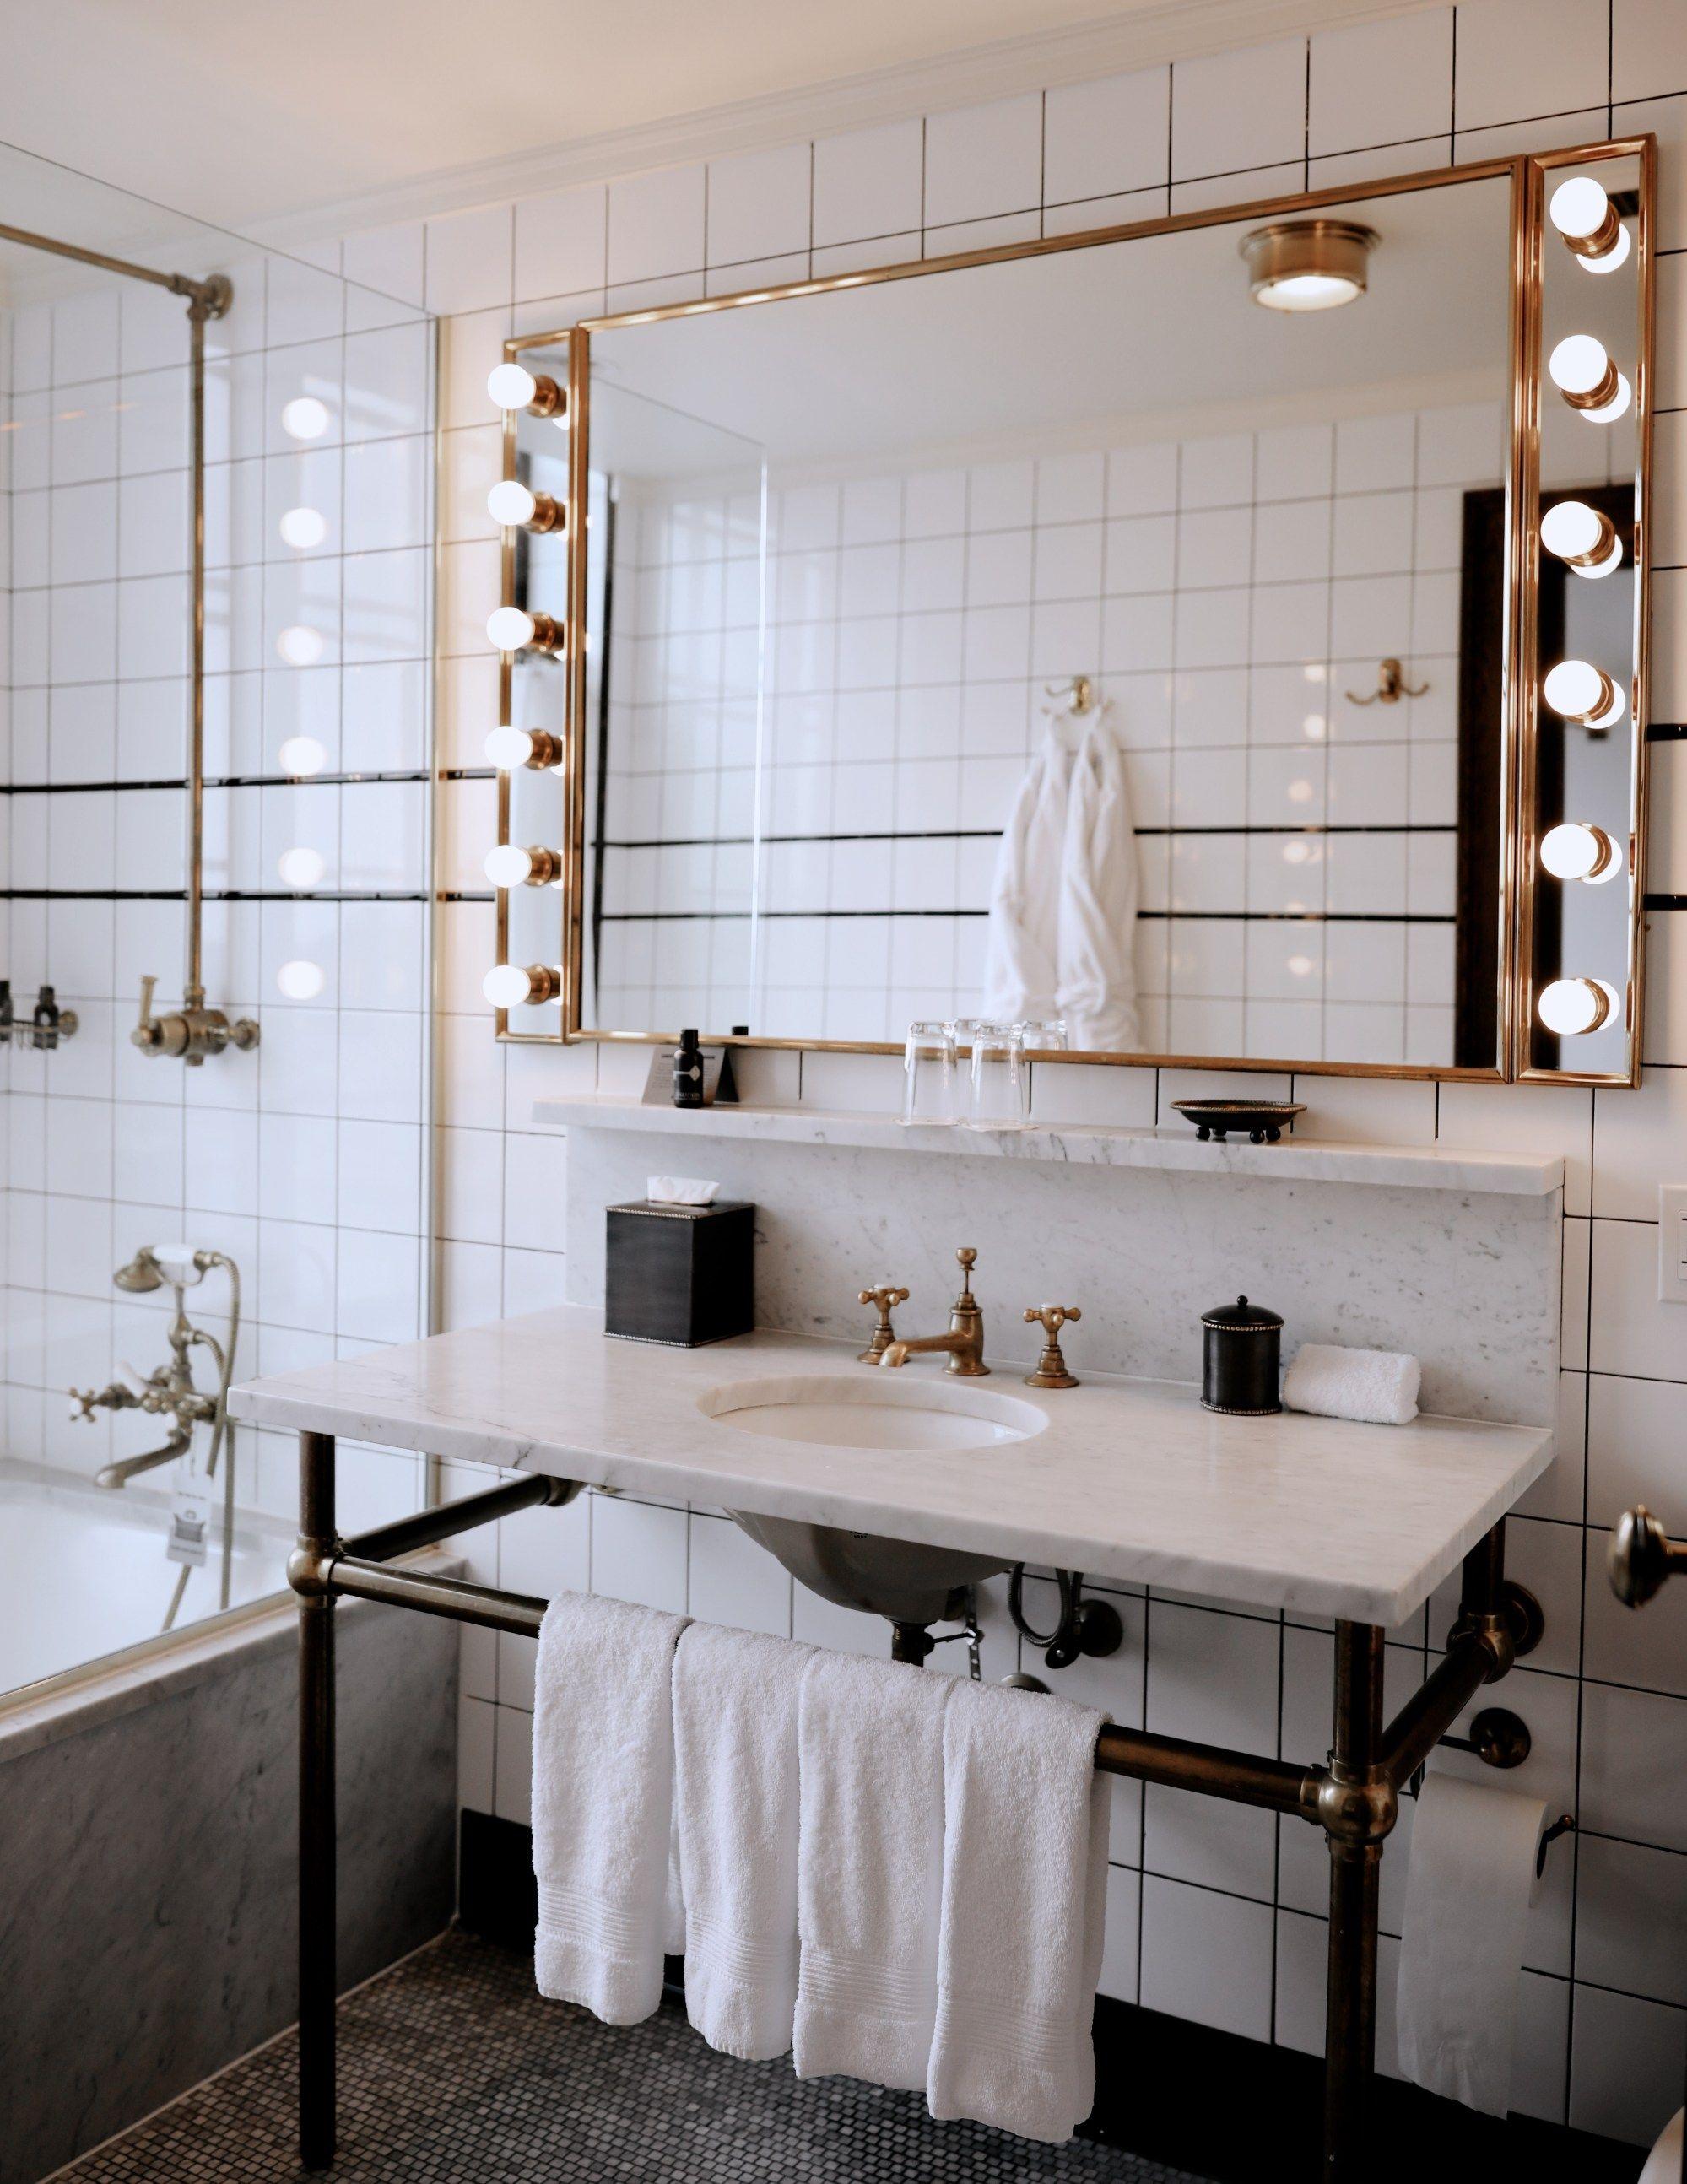 Best Instagram Spots In Nyc Ludlow Hotel Bathroom Interior Design Bathroom Inspiration [ 2588 x 1999 Pixel ]